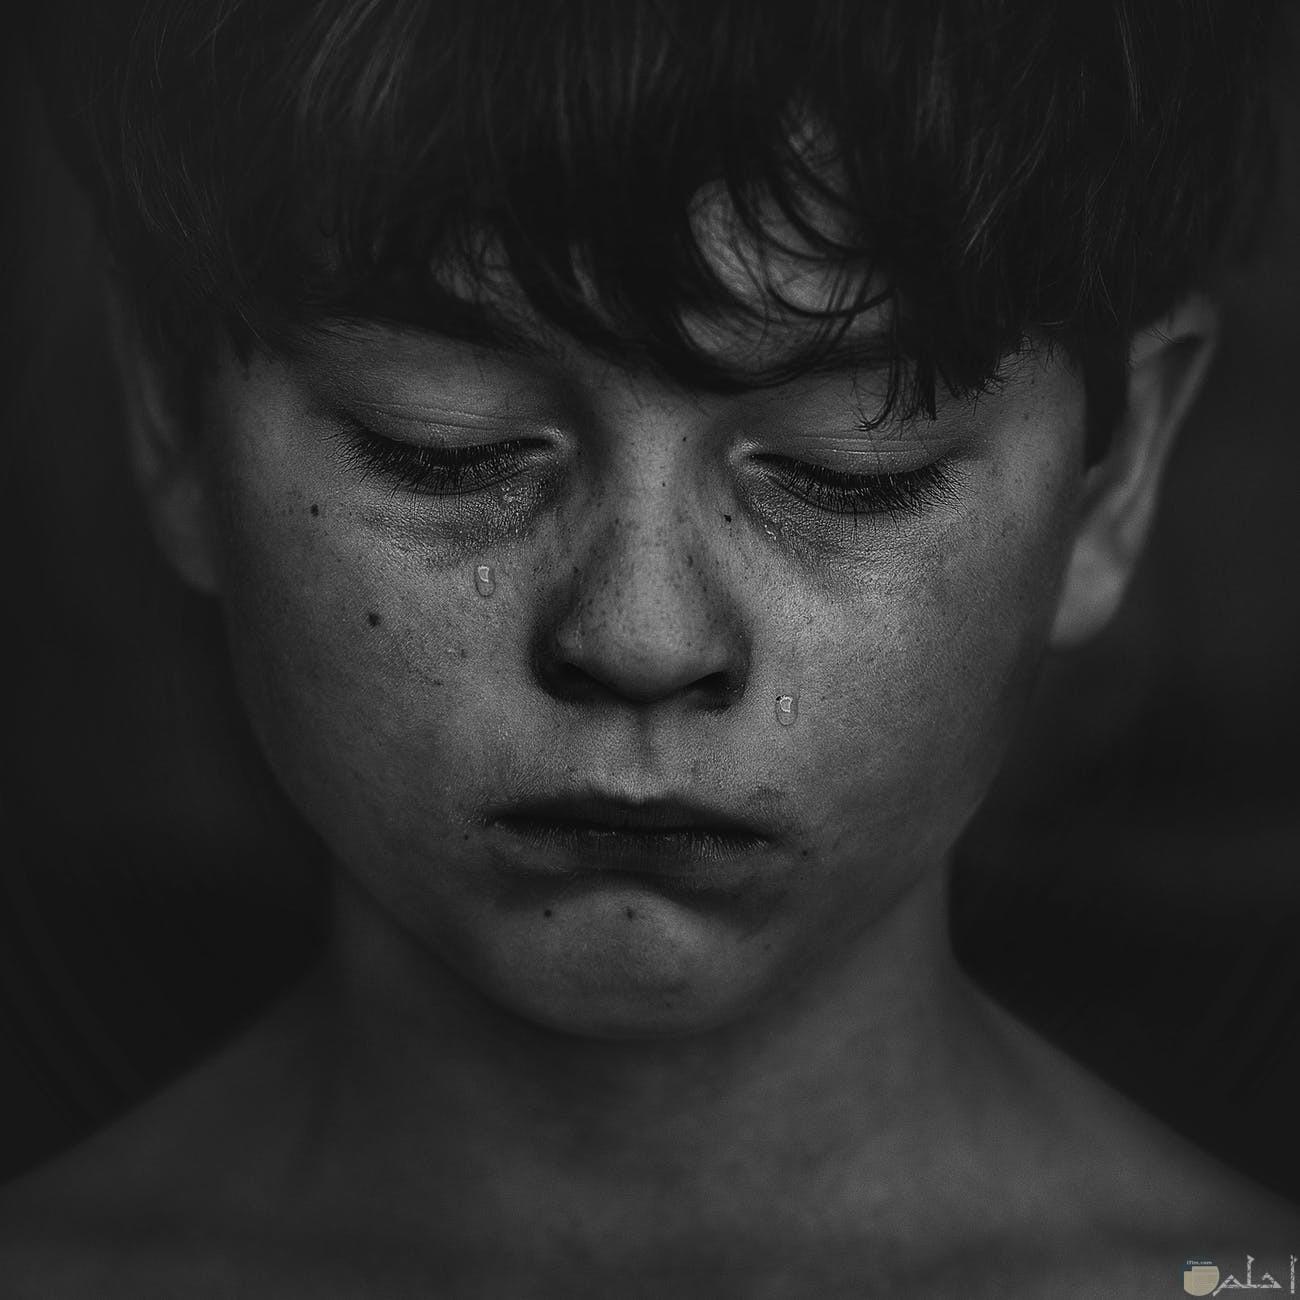 بكاء طفل لفقدان عزيز